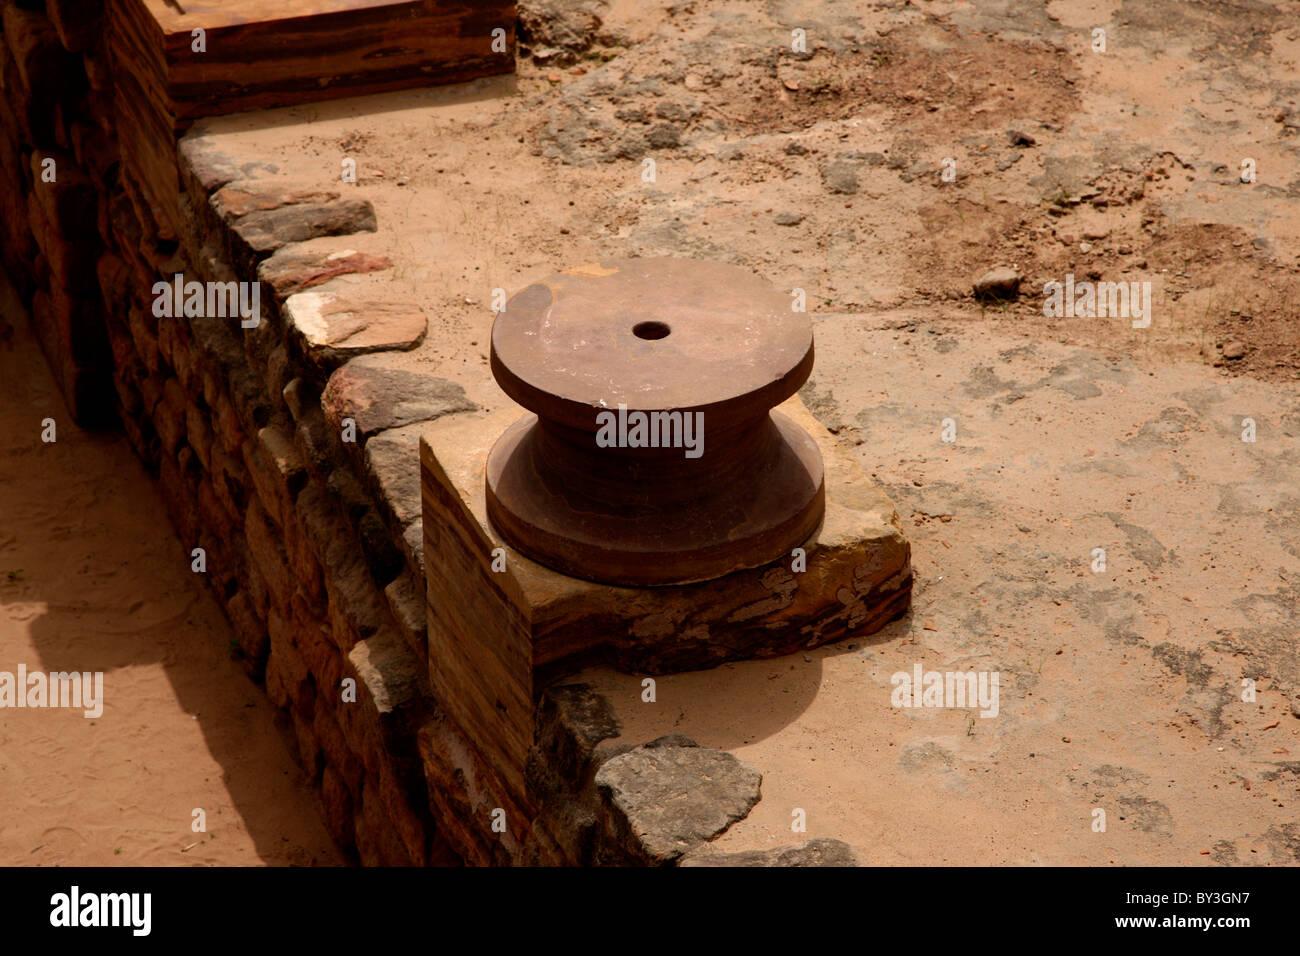 Ruins of Harappa civilisation, Dholavira, Gujarat,India - Stock Image